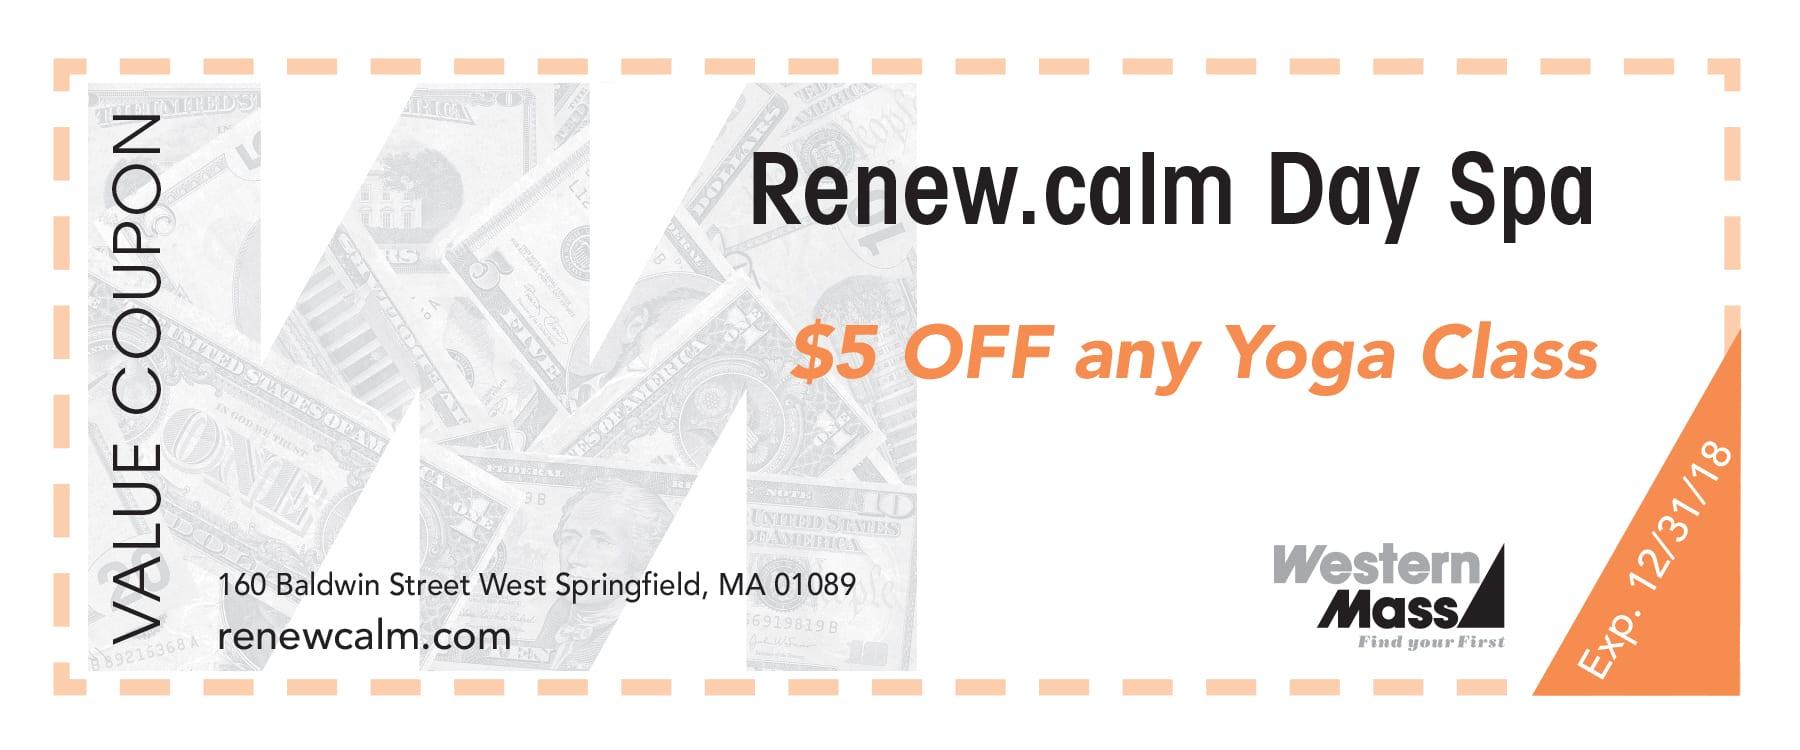 Renew.calm Day Spa